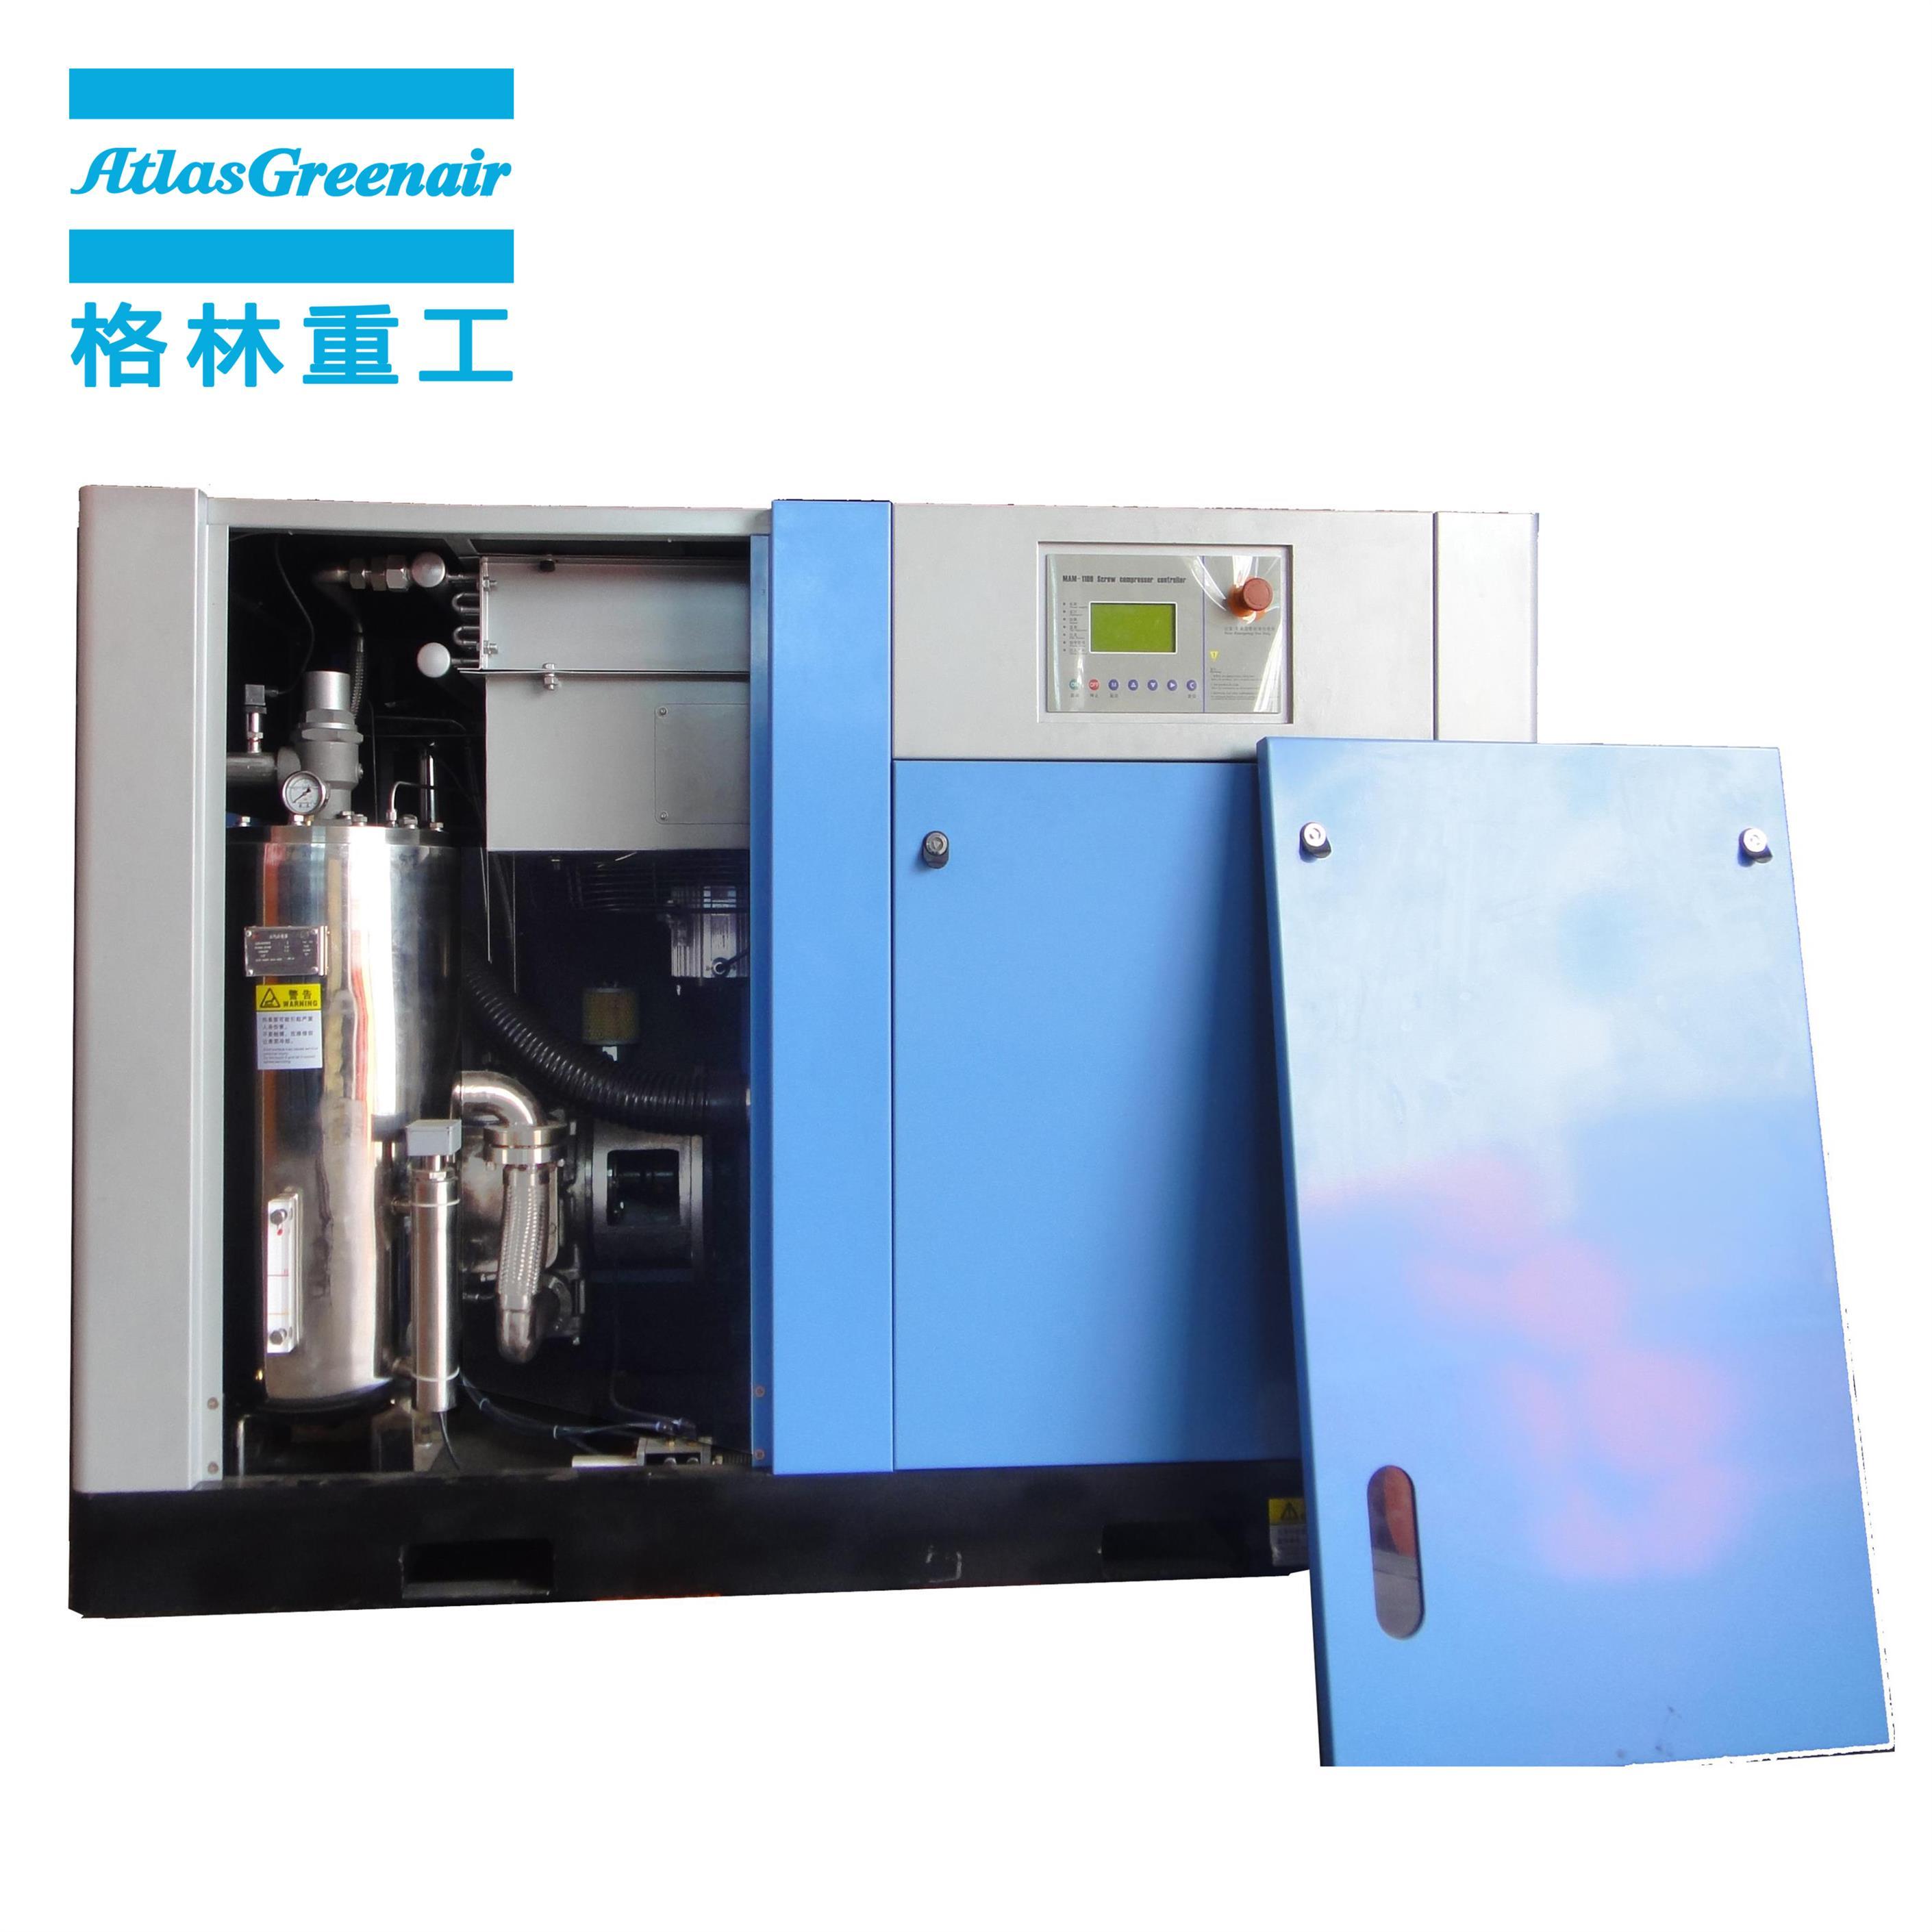 Atlas Greenair Screw Air Compressor high end oil free rotary screw air compressor company for tropical area-2